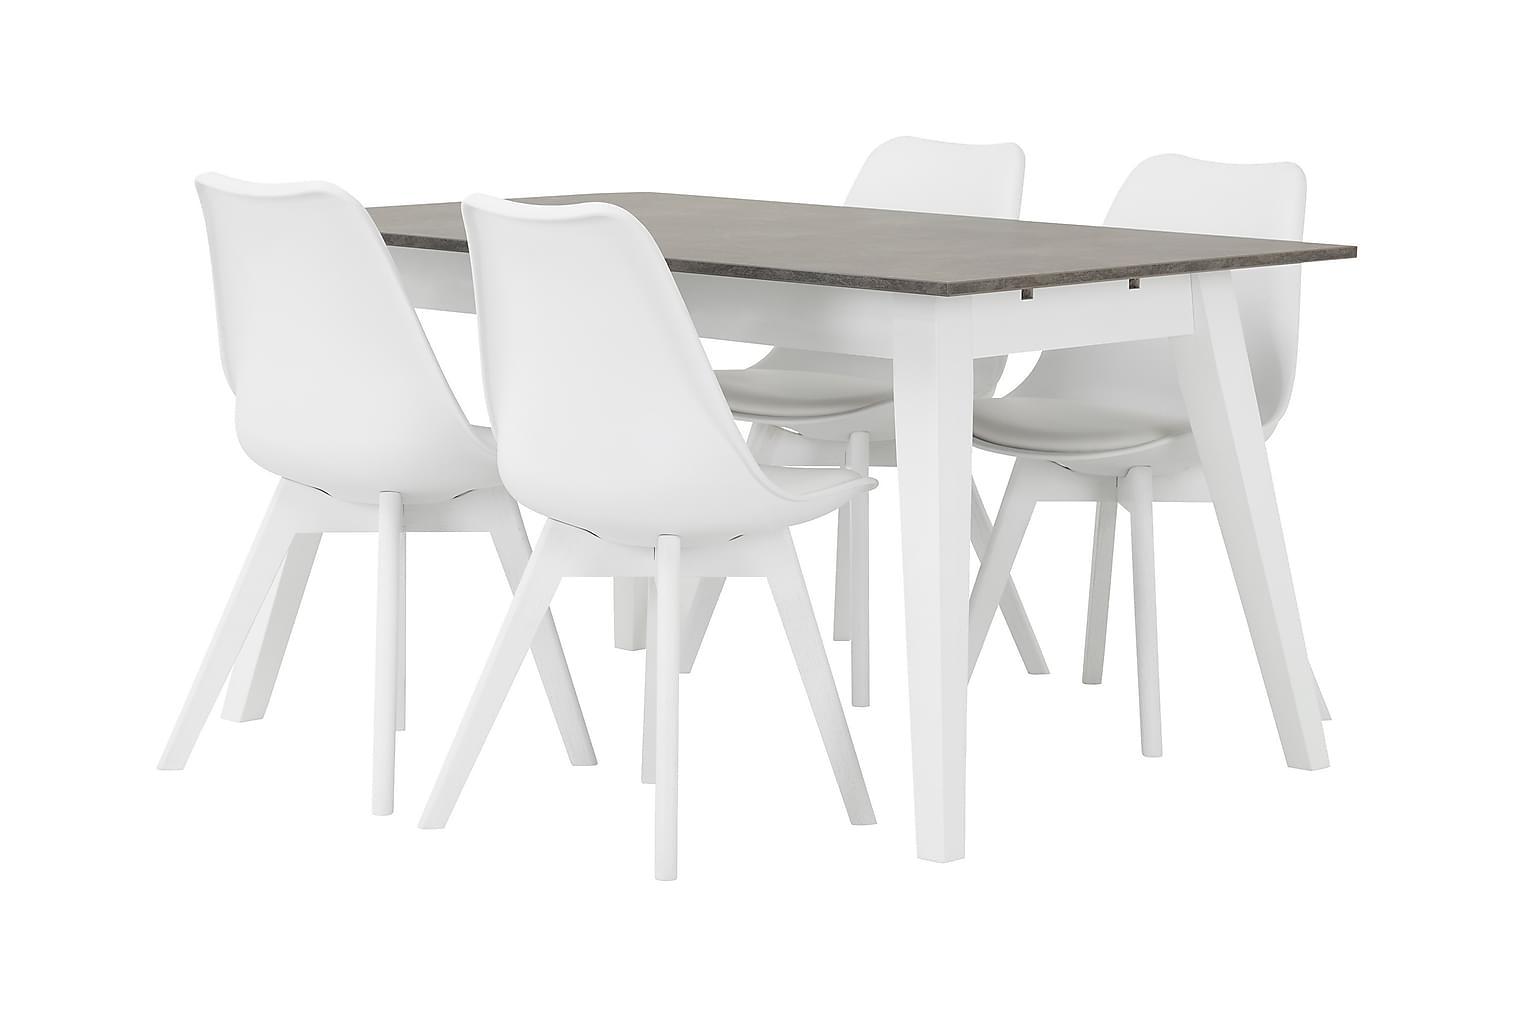 GRIMSTAD Pöytä 140 Betoni/Valkoinen + 4 PEACE Tuoli Valkoine